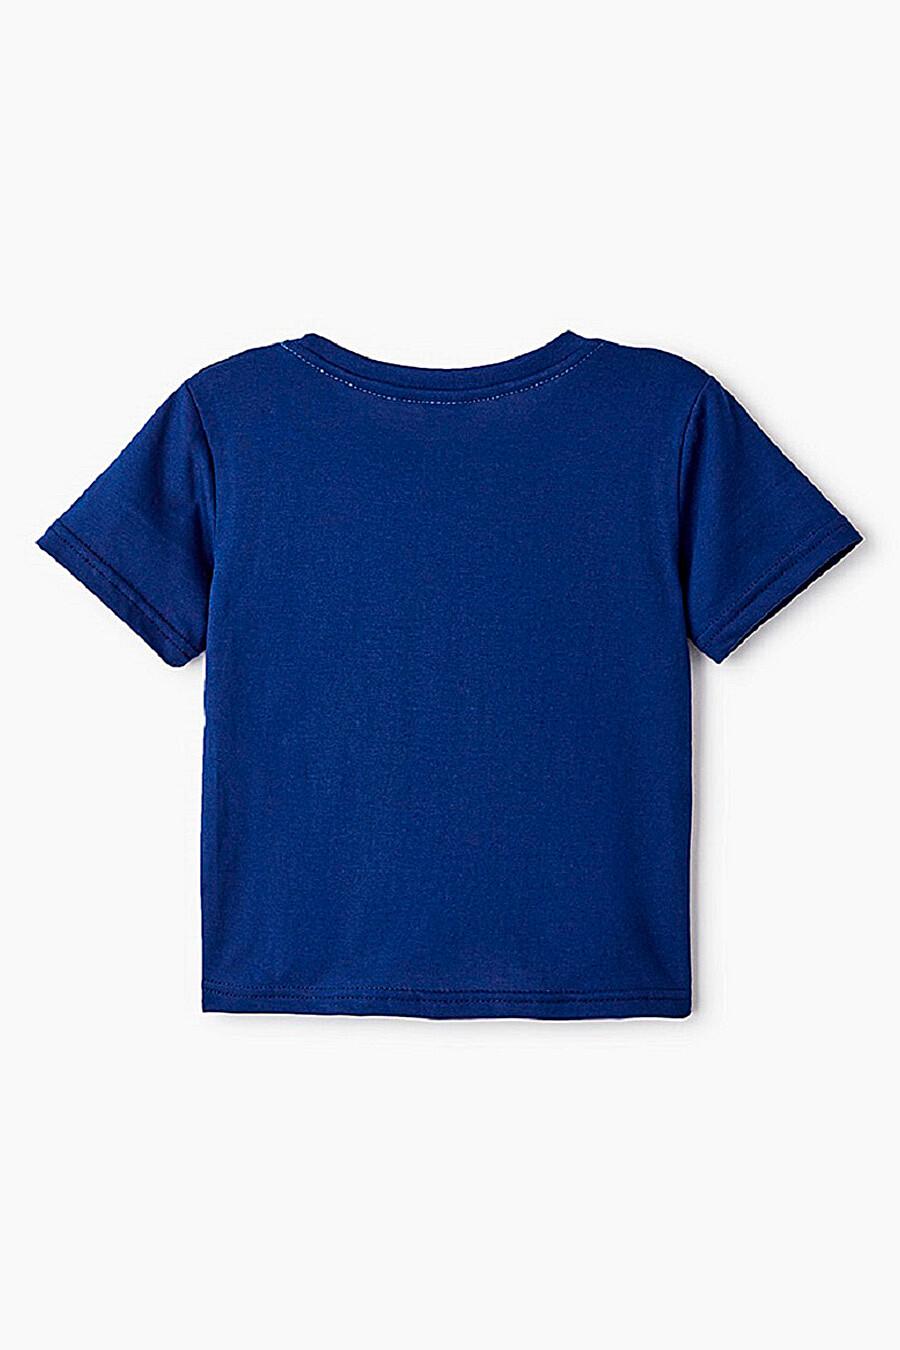 Футболка для мальчиков ELARIA 239111 купить оптом от производителя. Совместная покупка детской одежды в OptMoyo